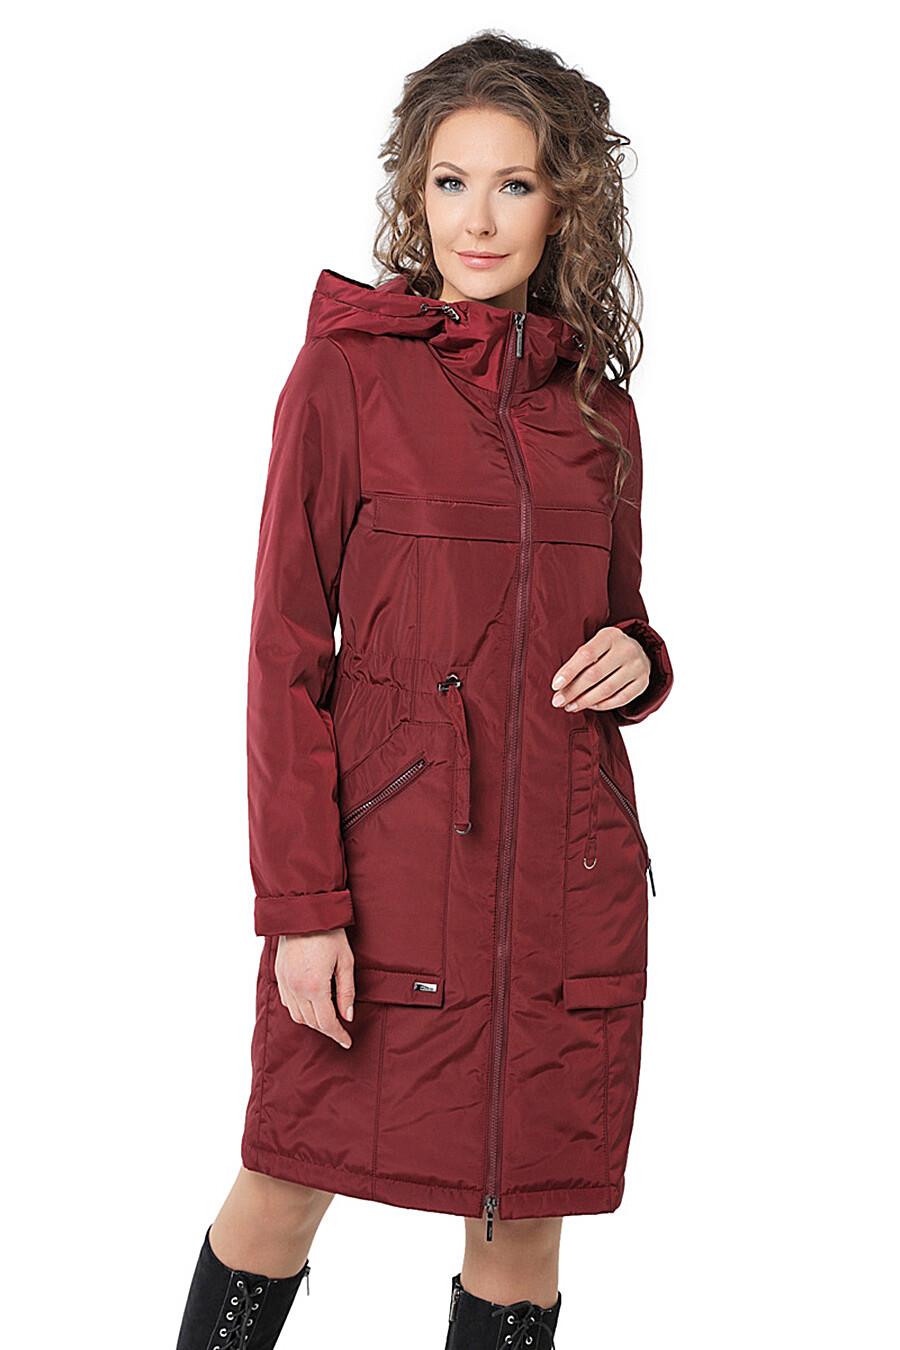 Плащ для женщин DIWAY 169612 купить оптом от производителя. Совместная покупка женской одежды в OptMoyo